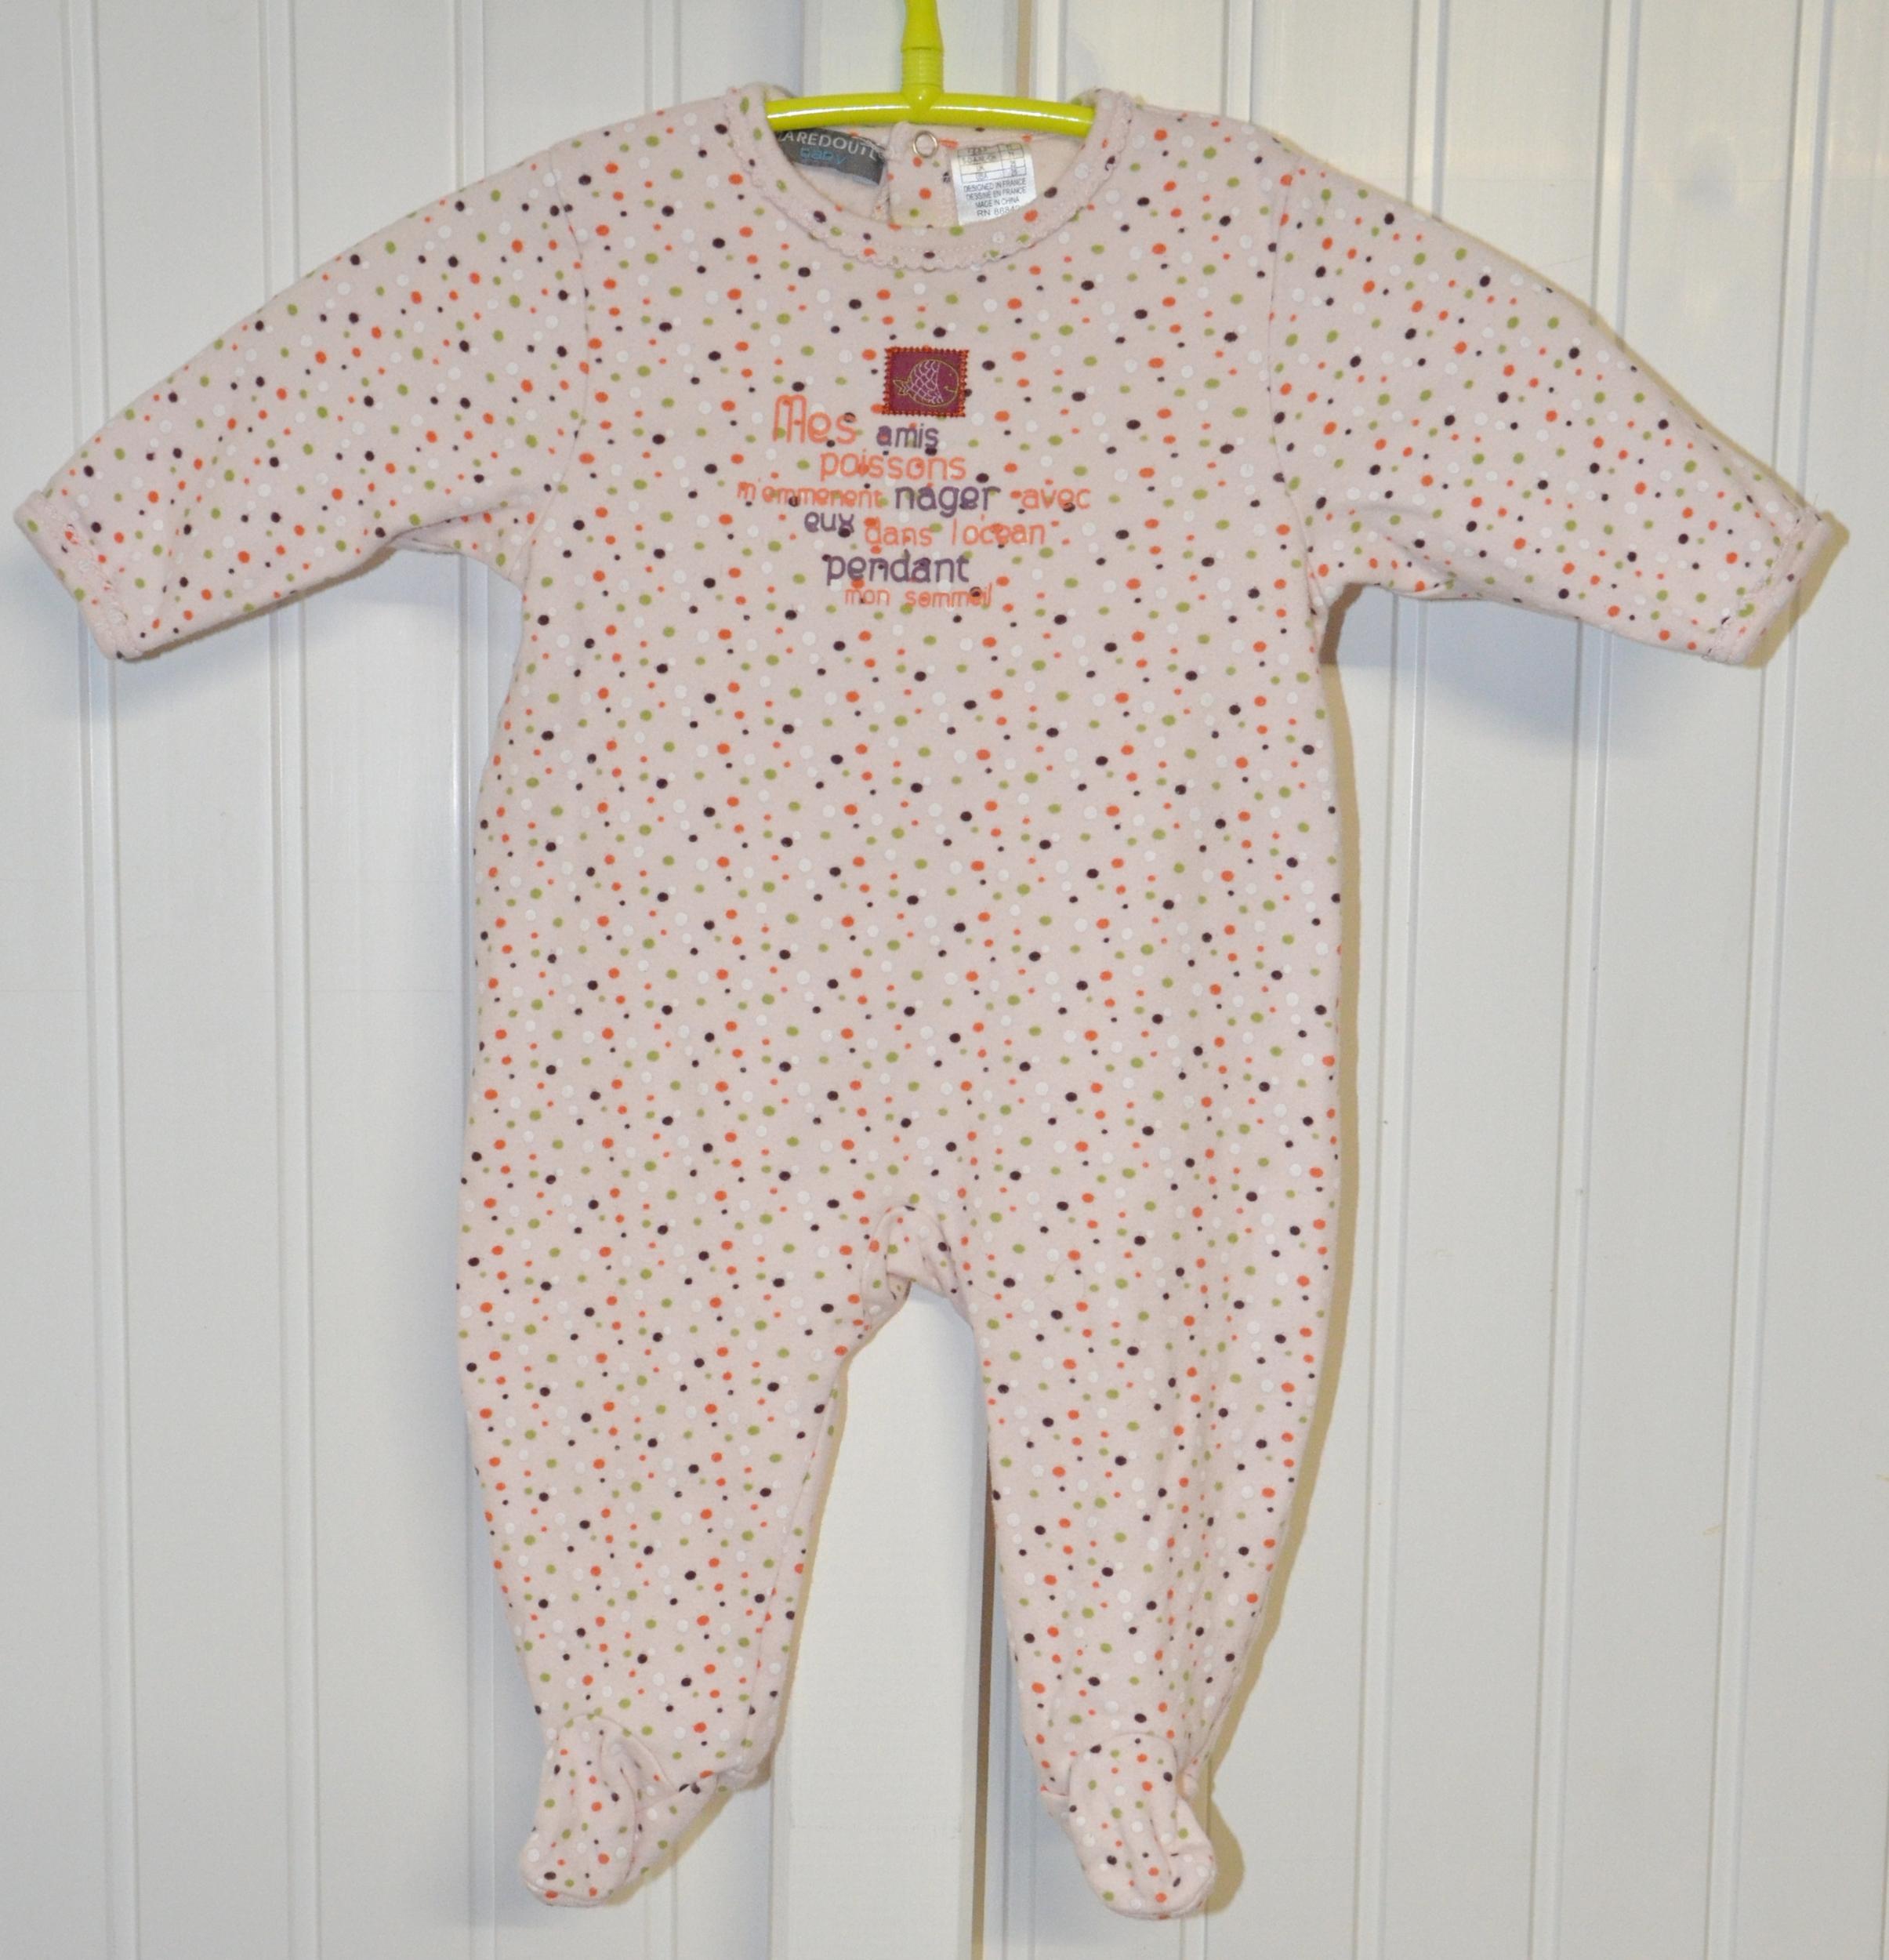 pyjama la redoute 9 mois